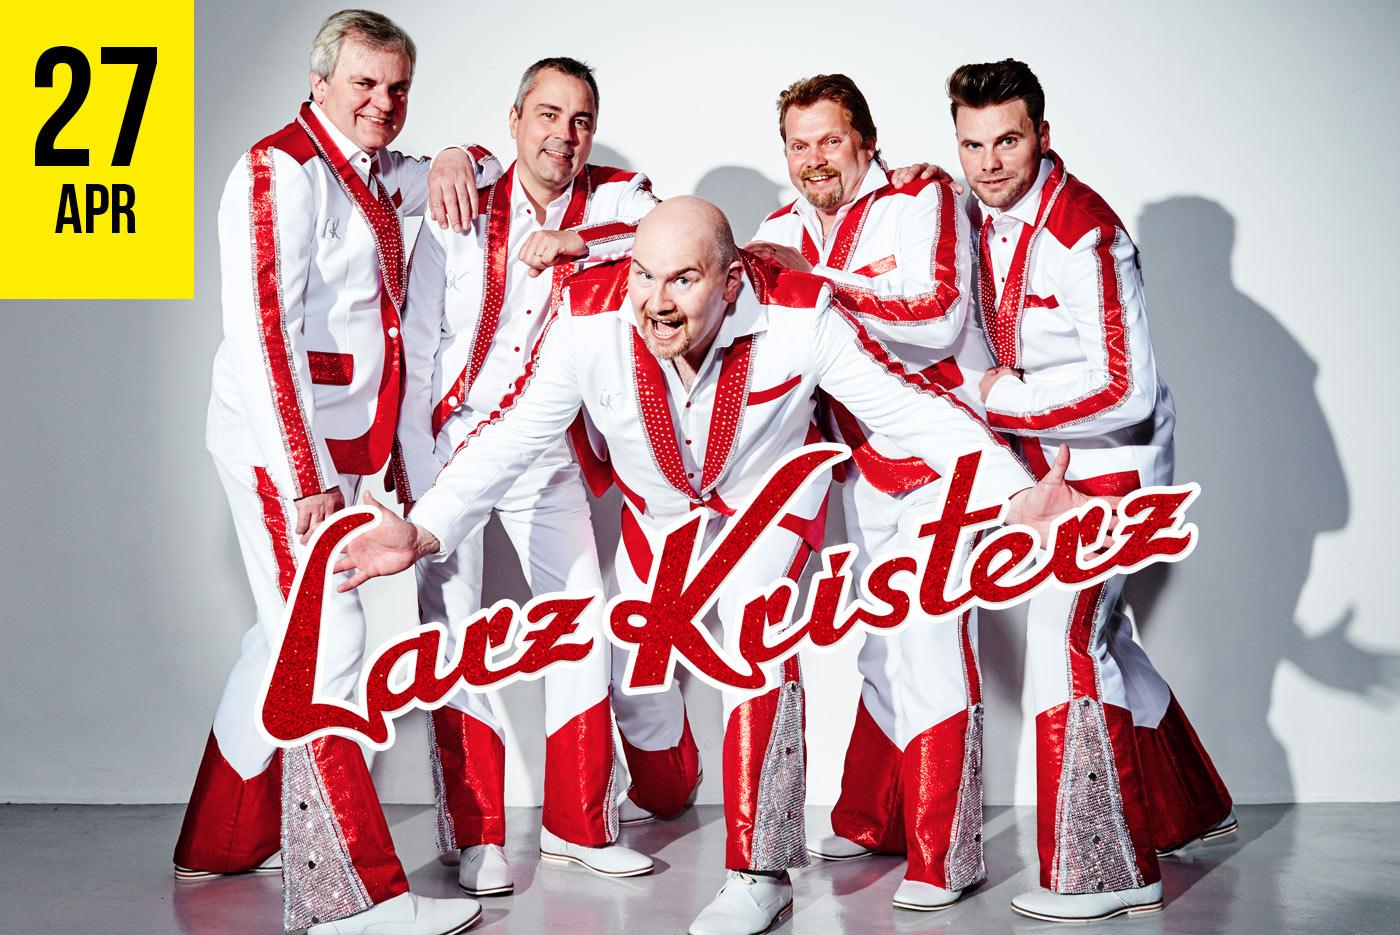 Larz Kristerz